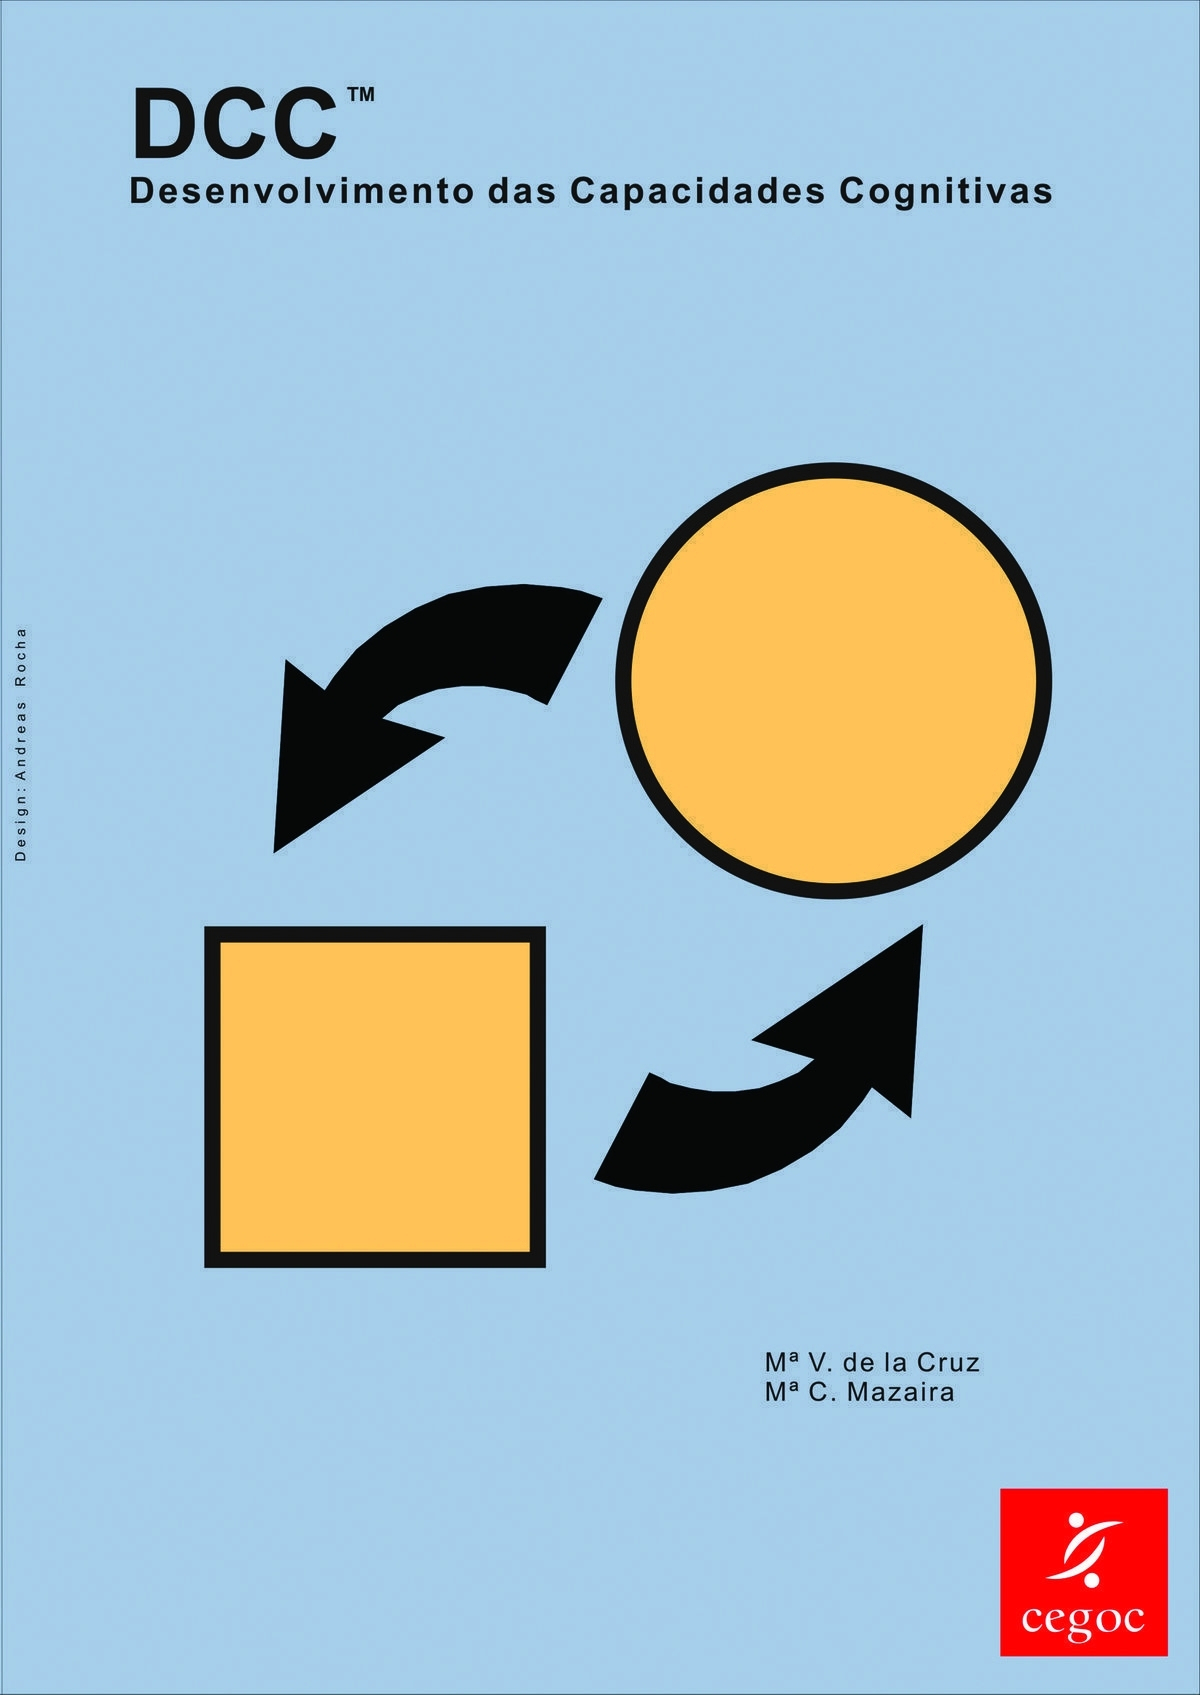 Kit Inicial (inclui Manual e 5 Cadernos de exercícios)